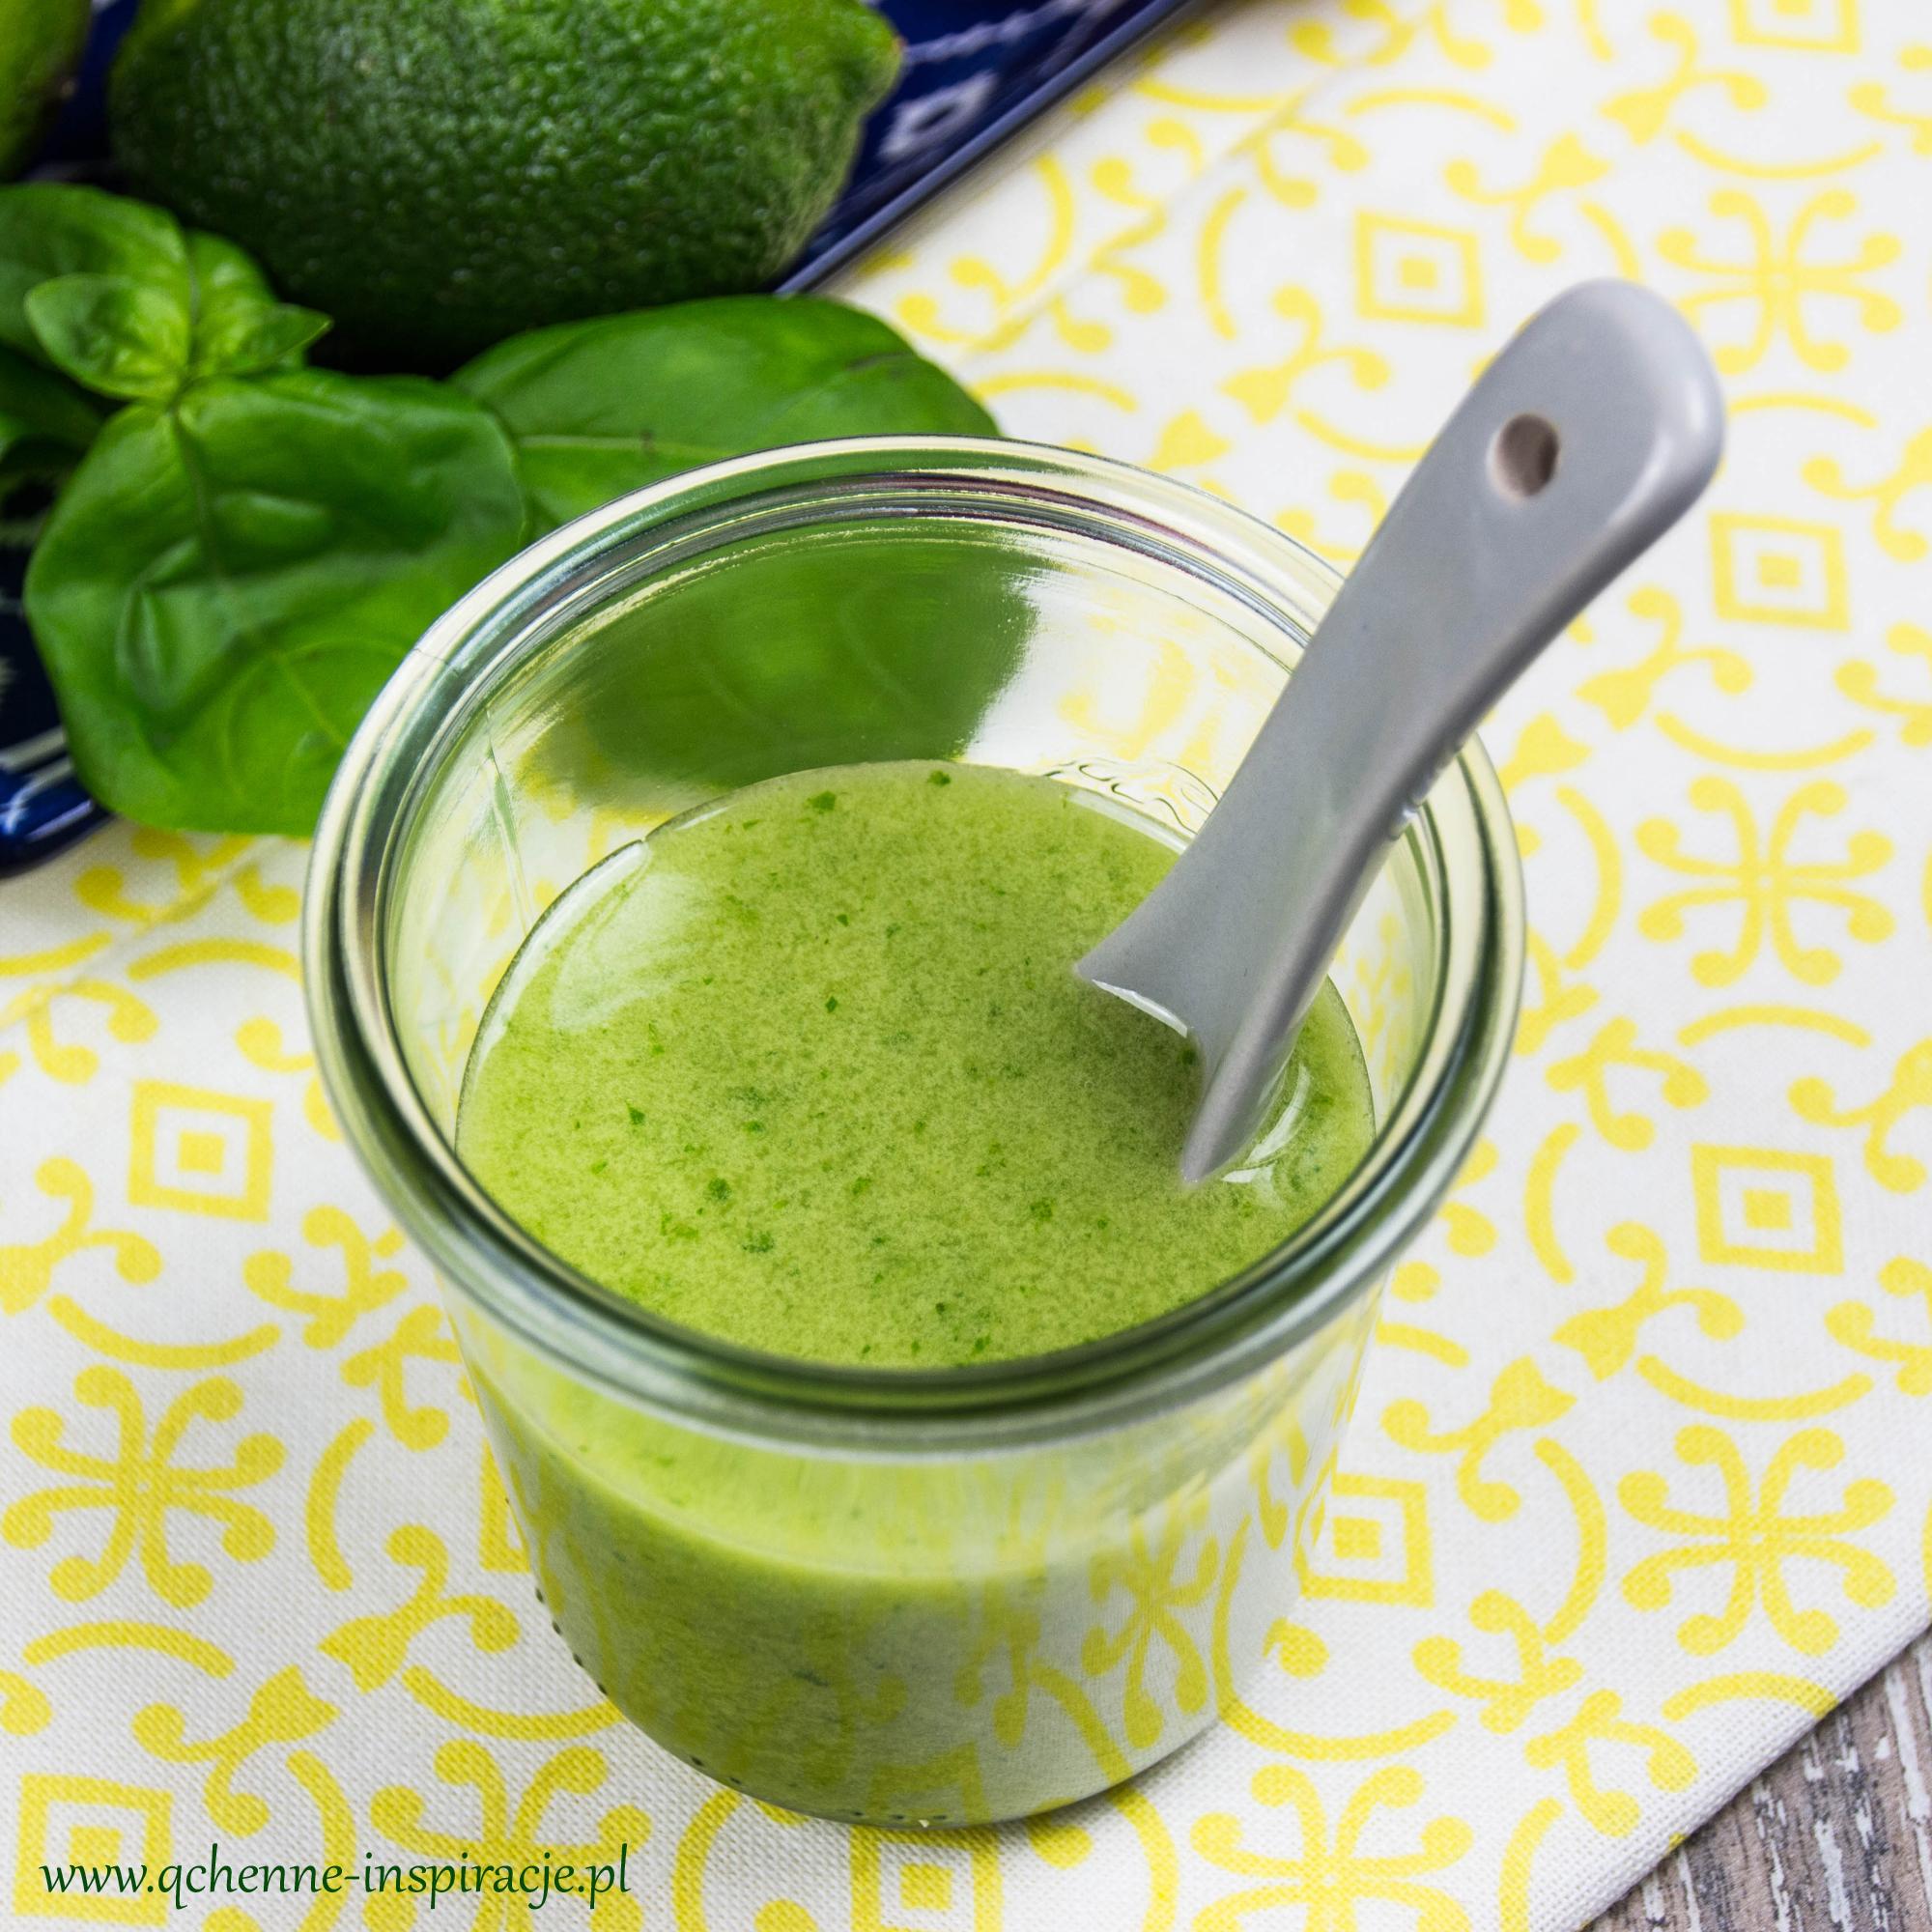 pokochaj olej rzepkowy najlepszy dressing do sałatki omega 3